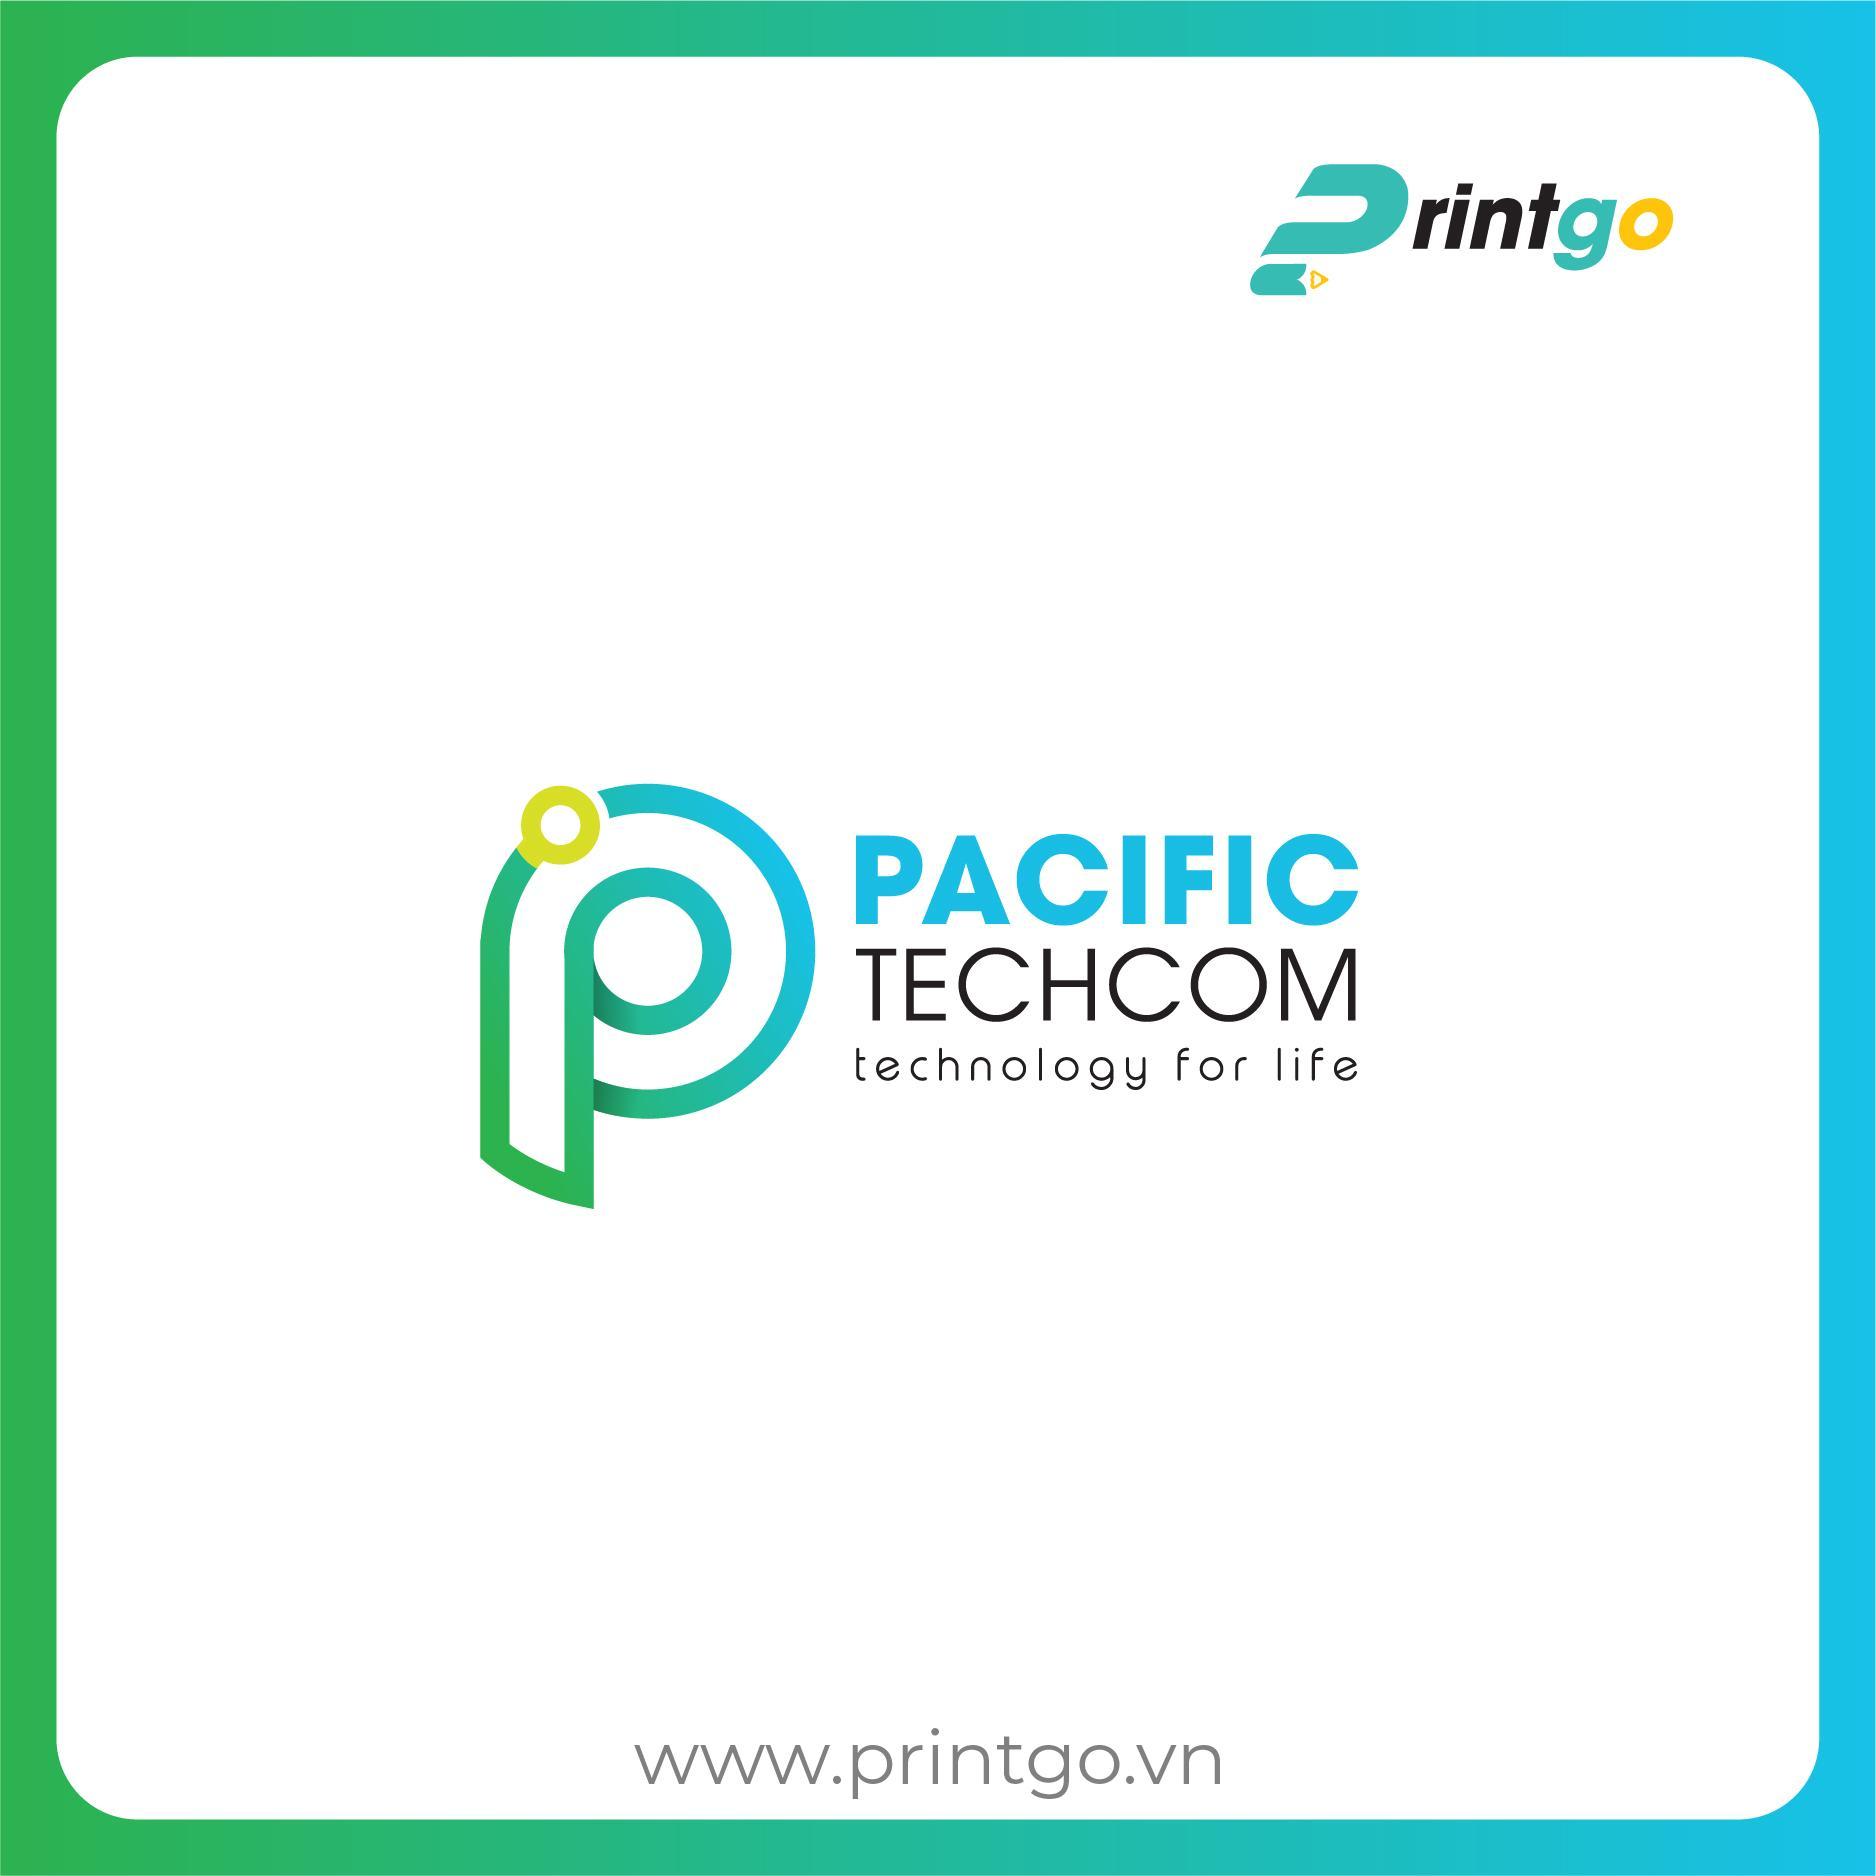 Thiết kế logo 1 triệu đồng